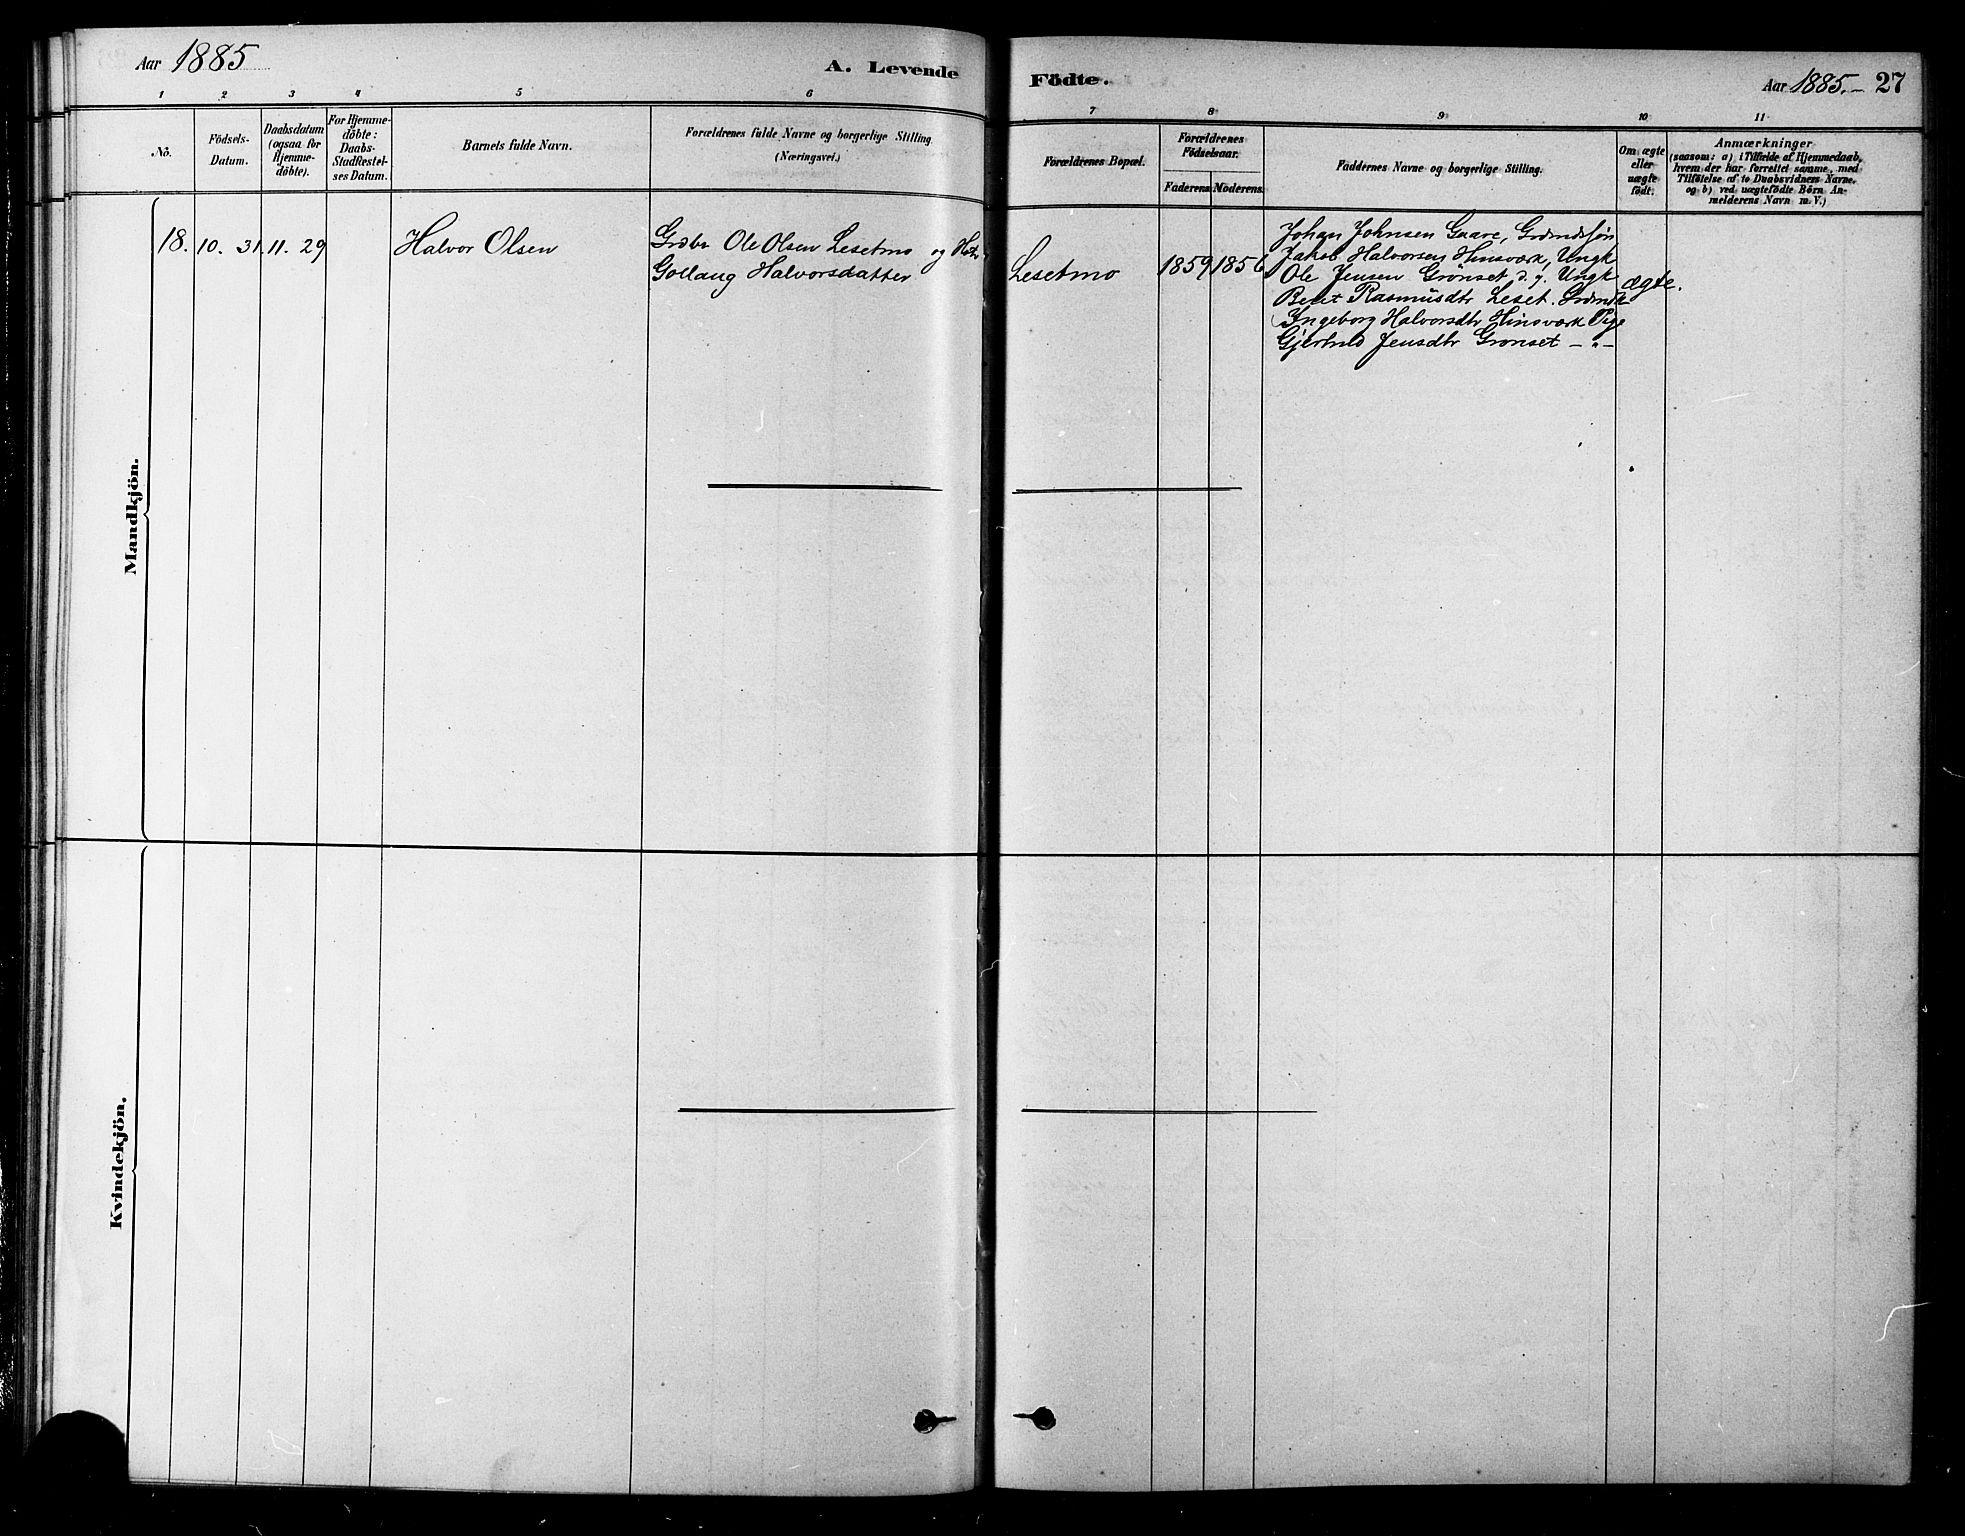 SAT, Ministerialprotokoller, klokkerbøker og fødselsregistre - Sør-Trøndelag, 685/L0972: Ministerialbok nr. 685A09, 1879-1890, s. 27